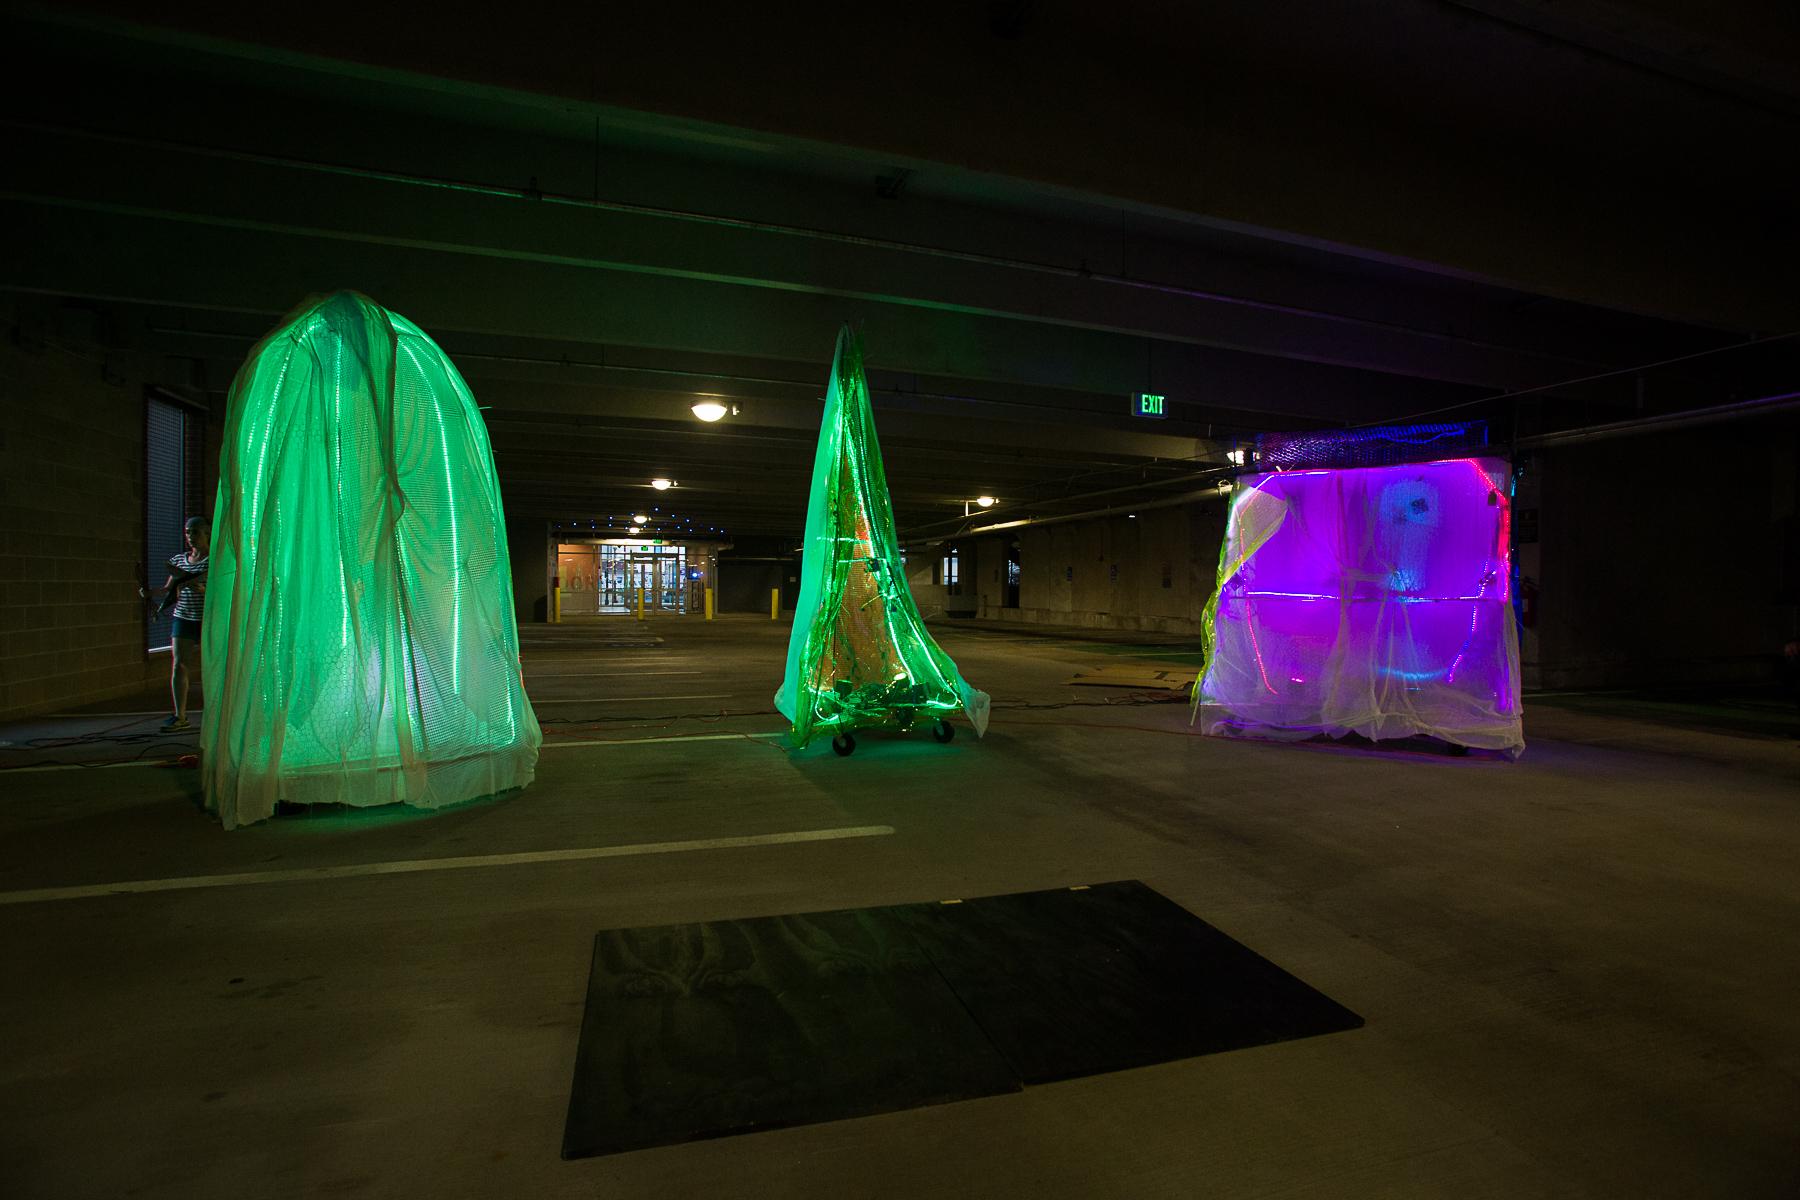 Rick Dorff's installation in its Channel Center Garage location